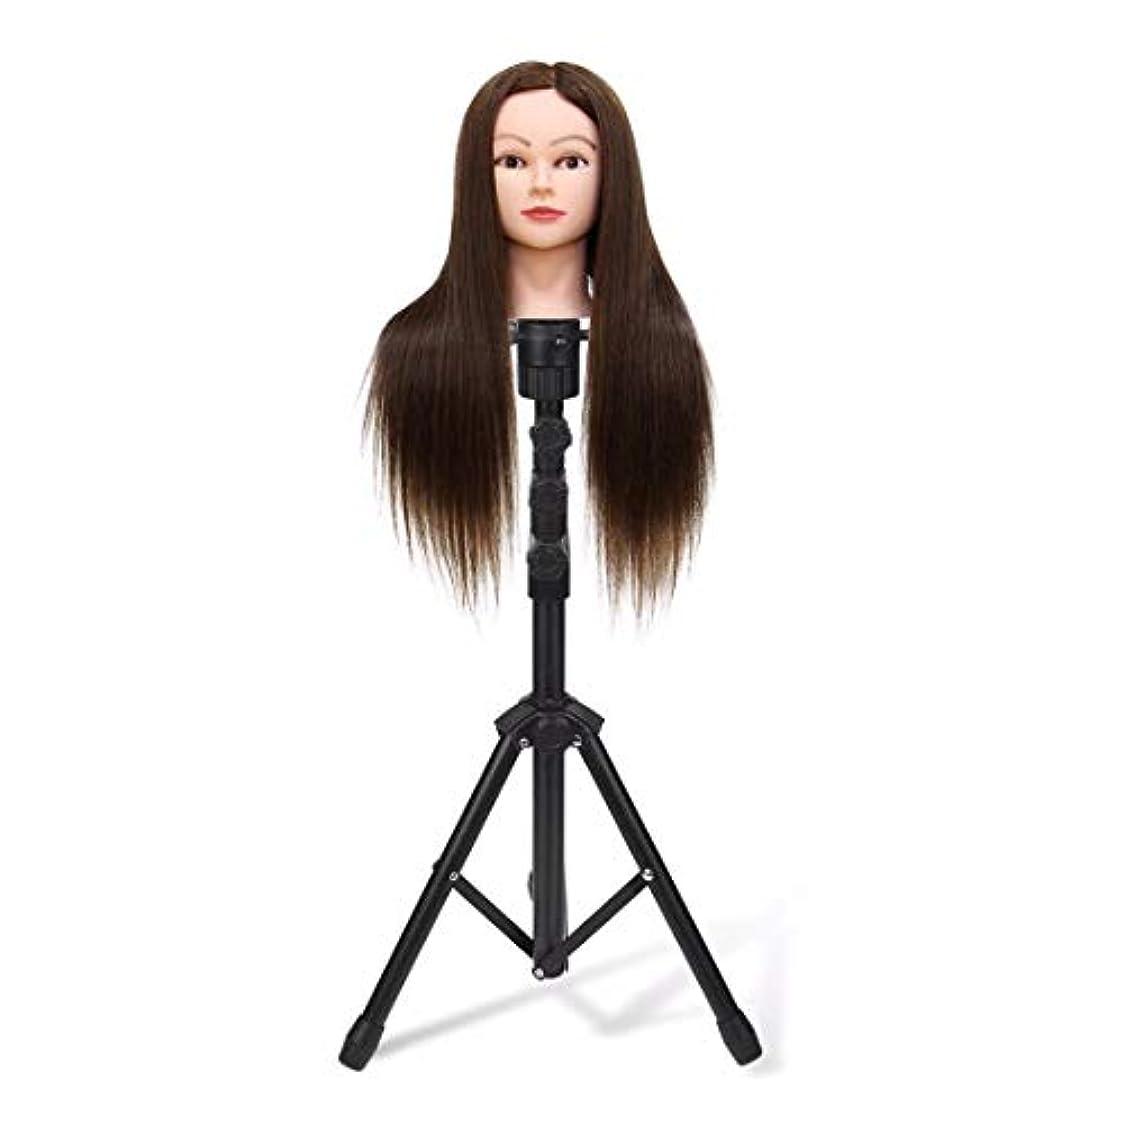 予想外センチメンタルめるWTYD 美容ヘアツール 美容整形式三脚スタンドサロントレーニングヘッドヘアウィッグブラケットホルダー、身長:80-150cm